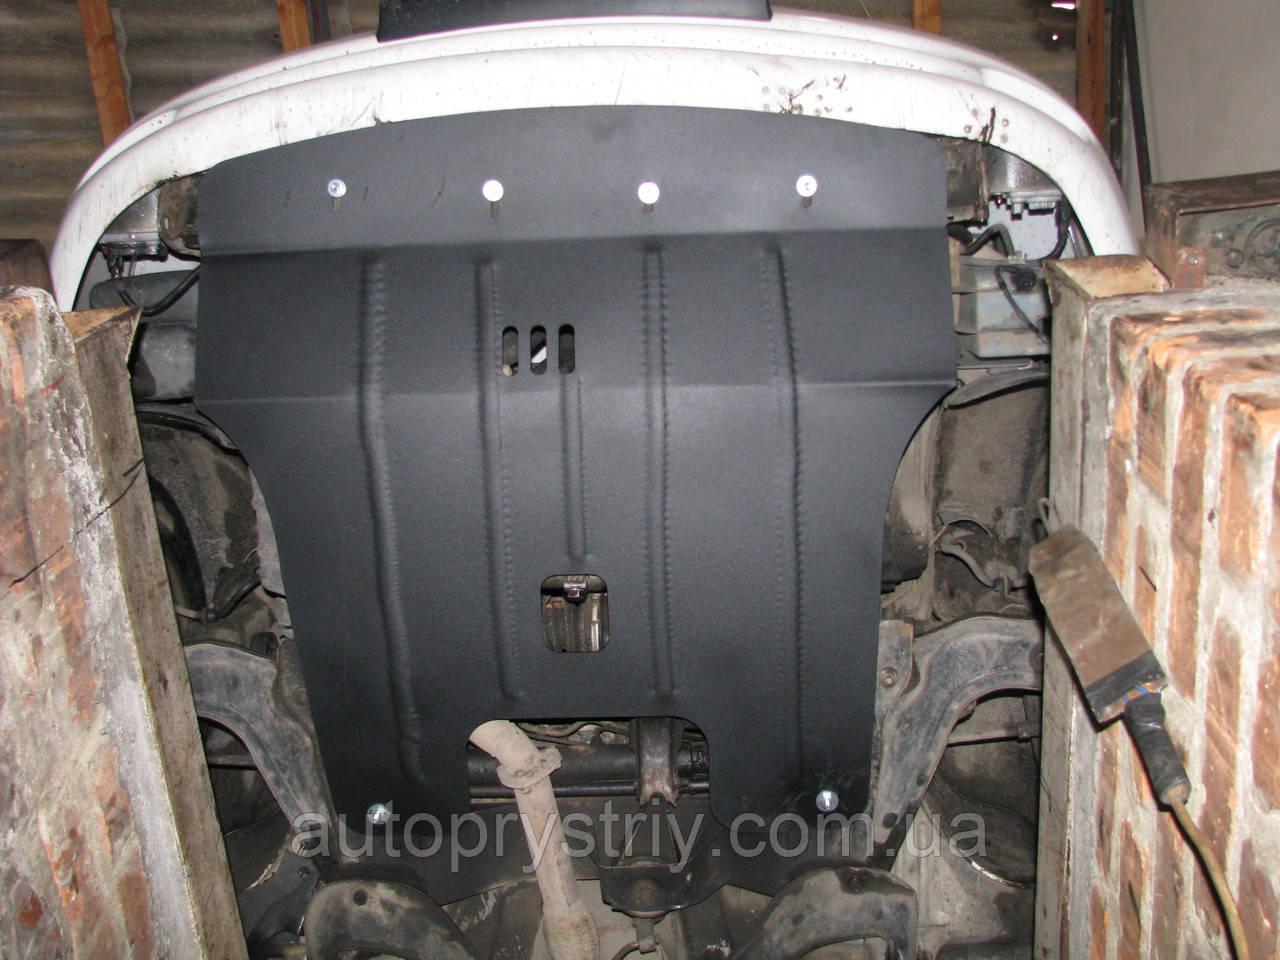 Защита двигателя и КПП Daewoo Nubira (1997-1999) механика все, кроме корейской сборки